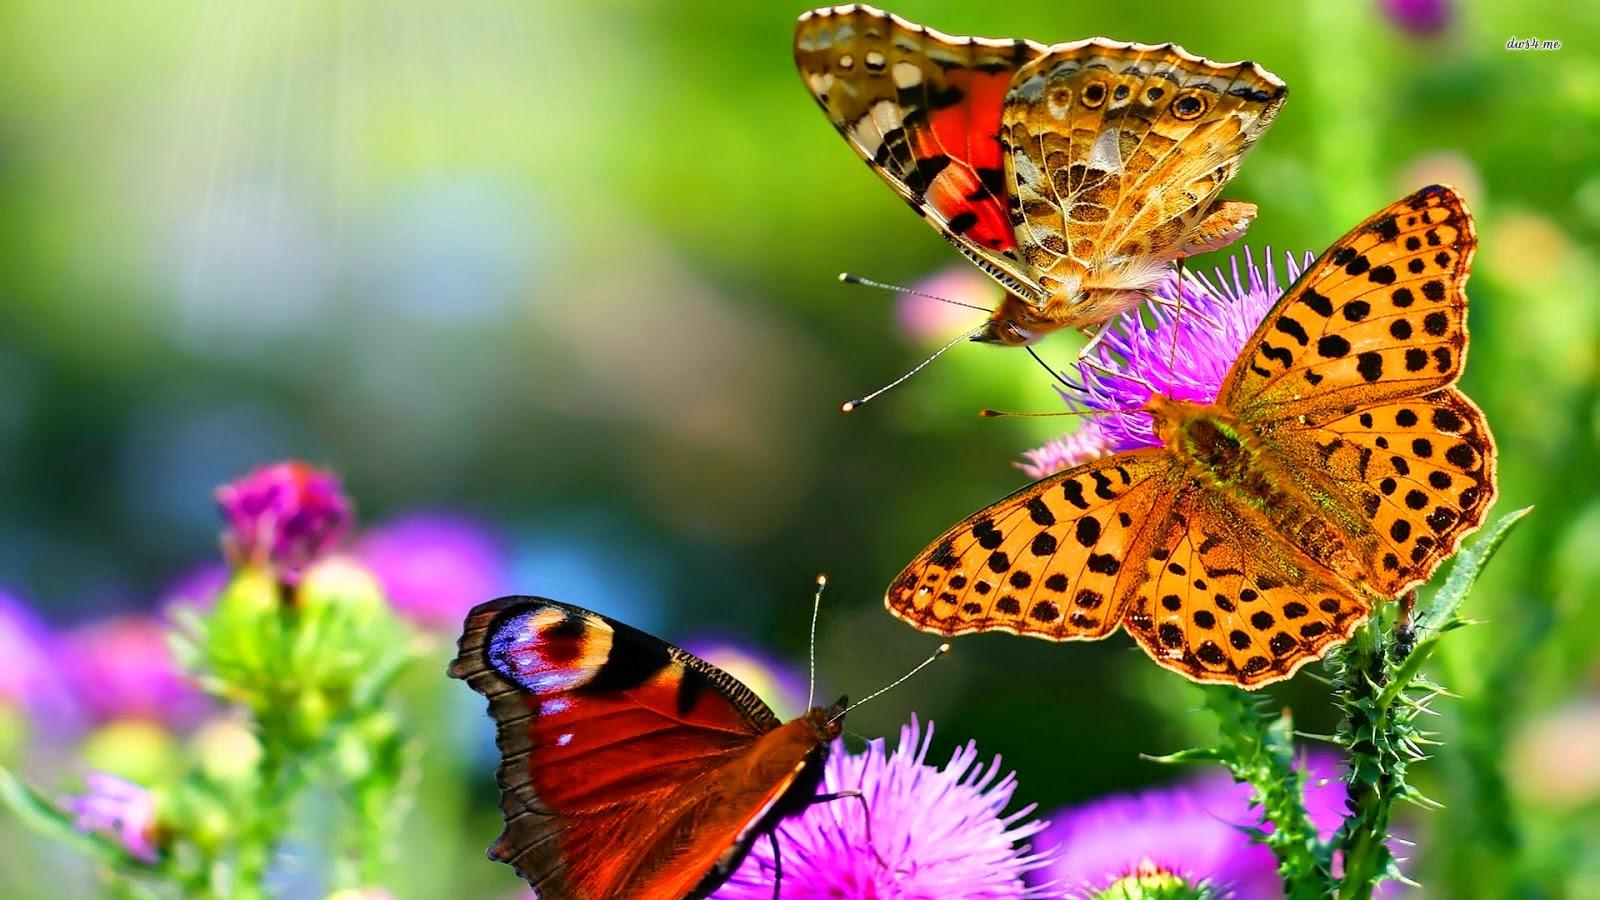 HD Butterfly Wallpapers Free Download HD Butterflies